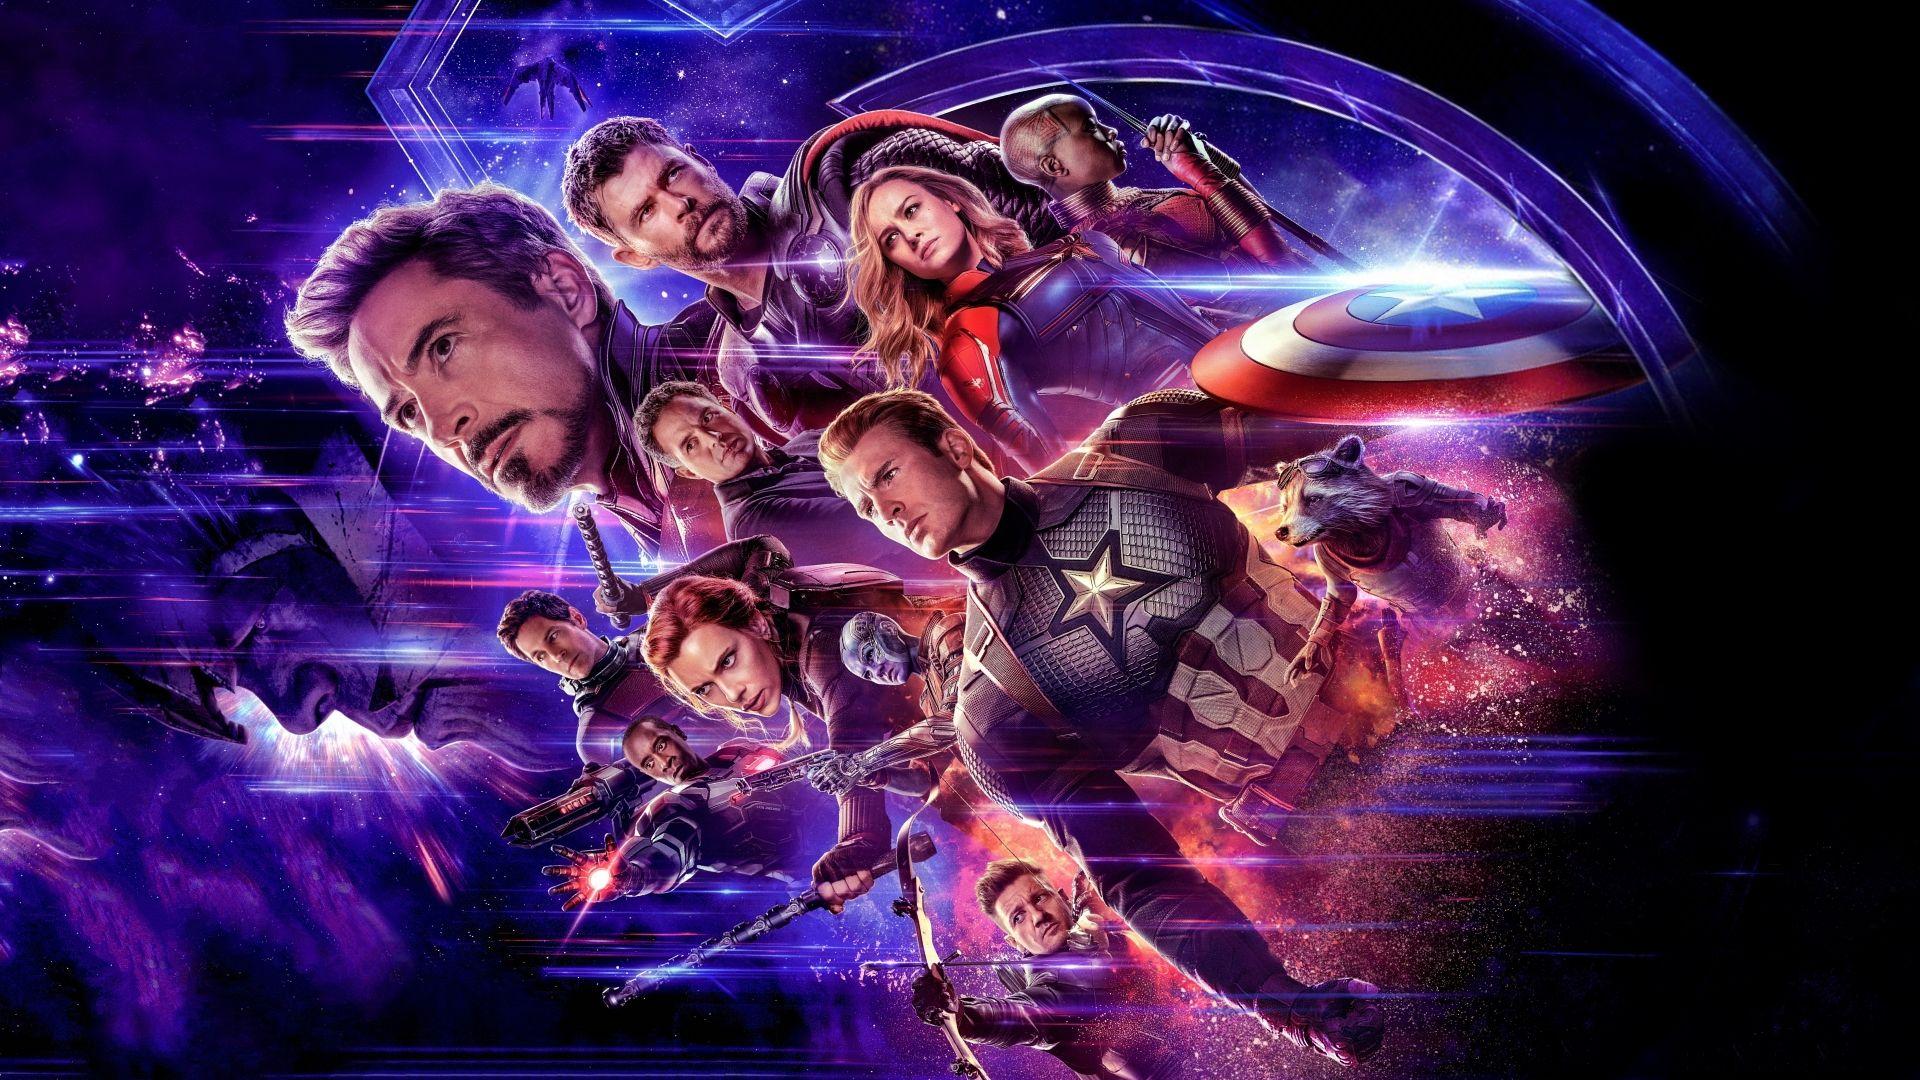 Avengers Endgame Desktop Wallpaper 1920x1080 Thor Wallpaper Desktop Wallpaper 1920x1080 Hd Wallpaper